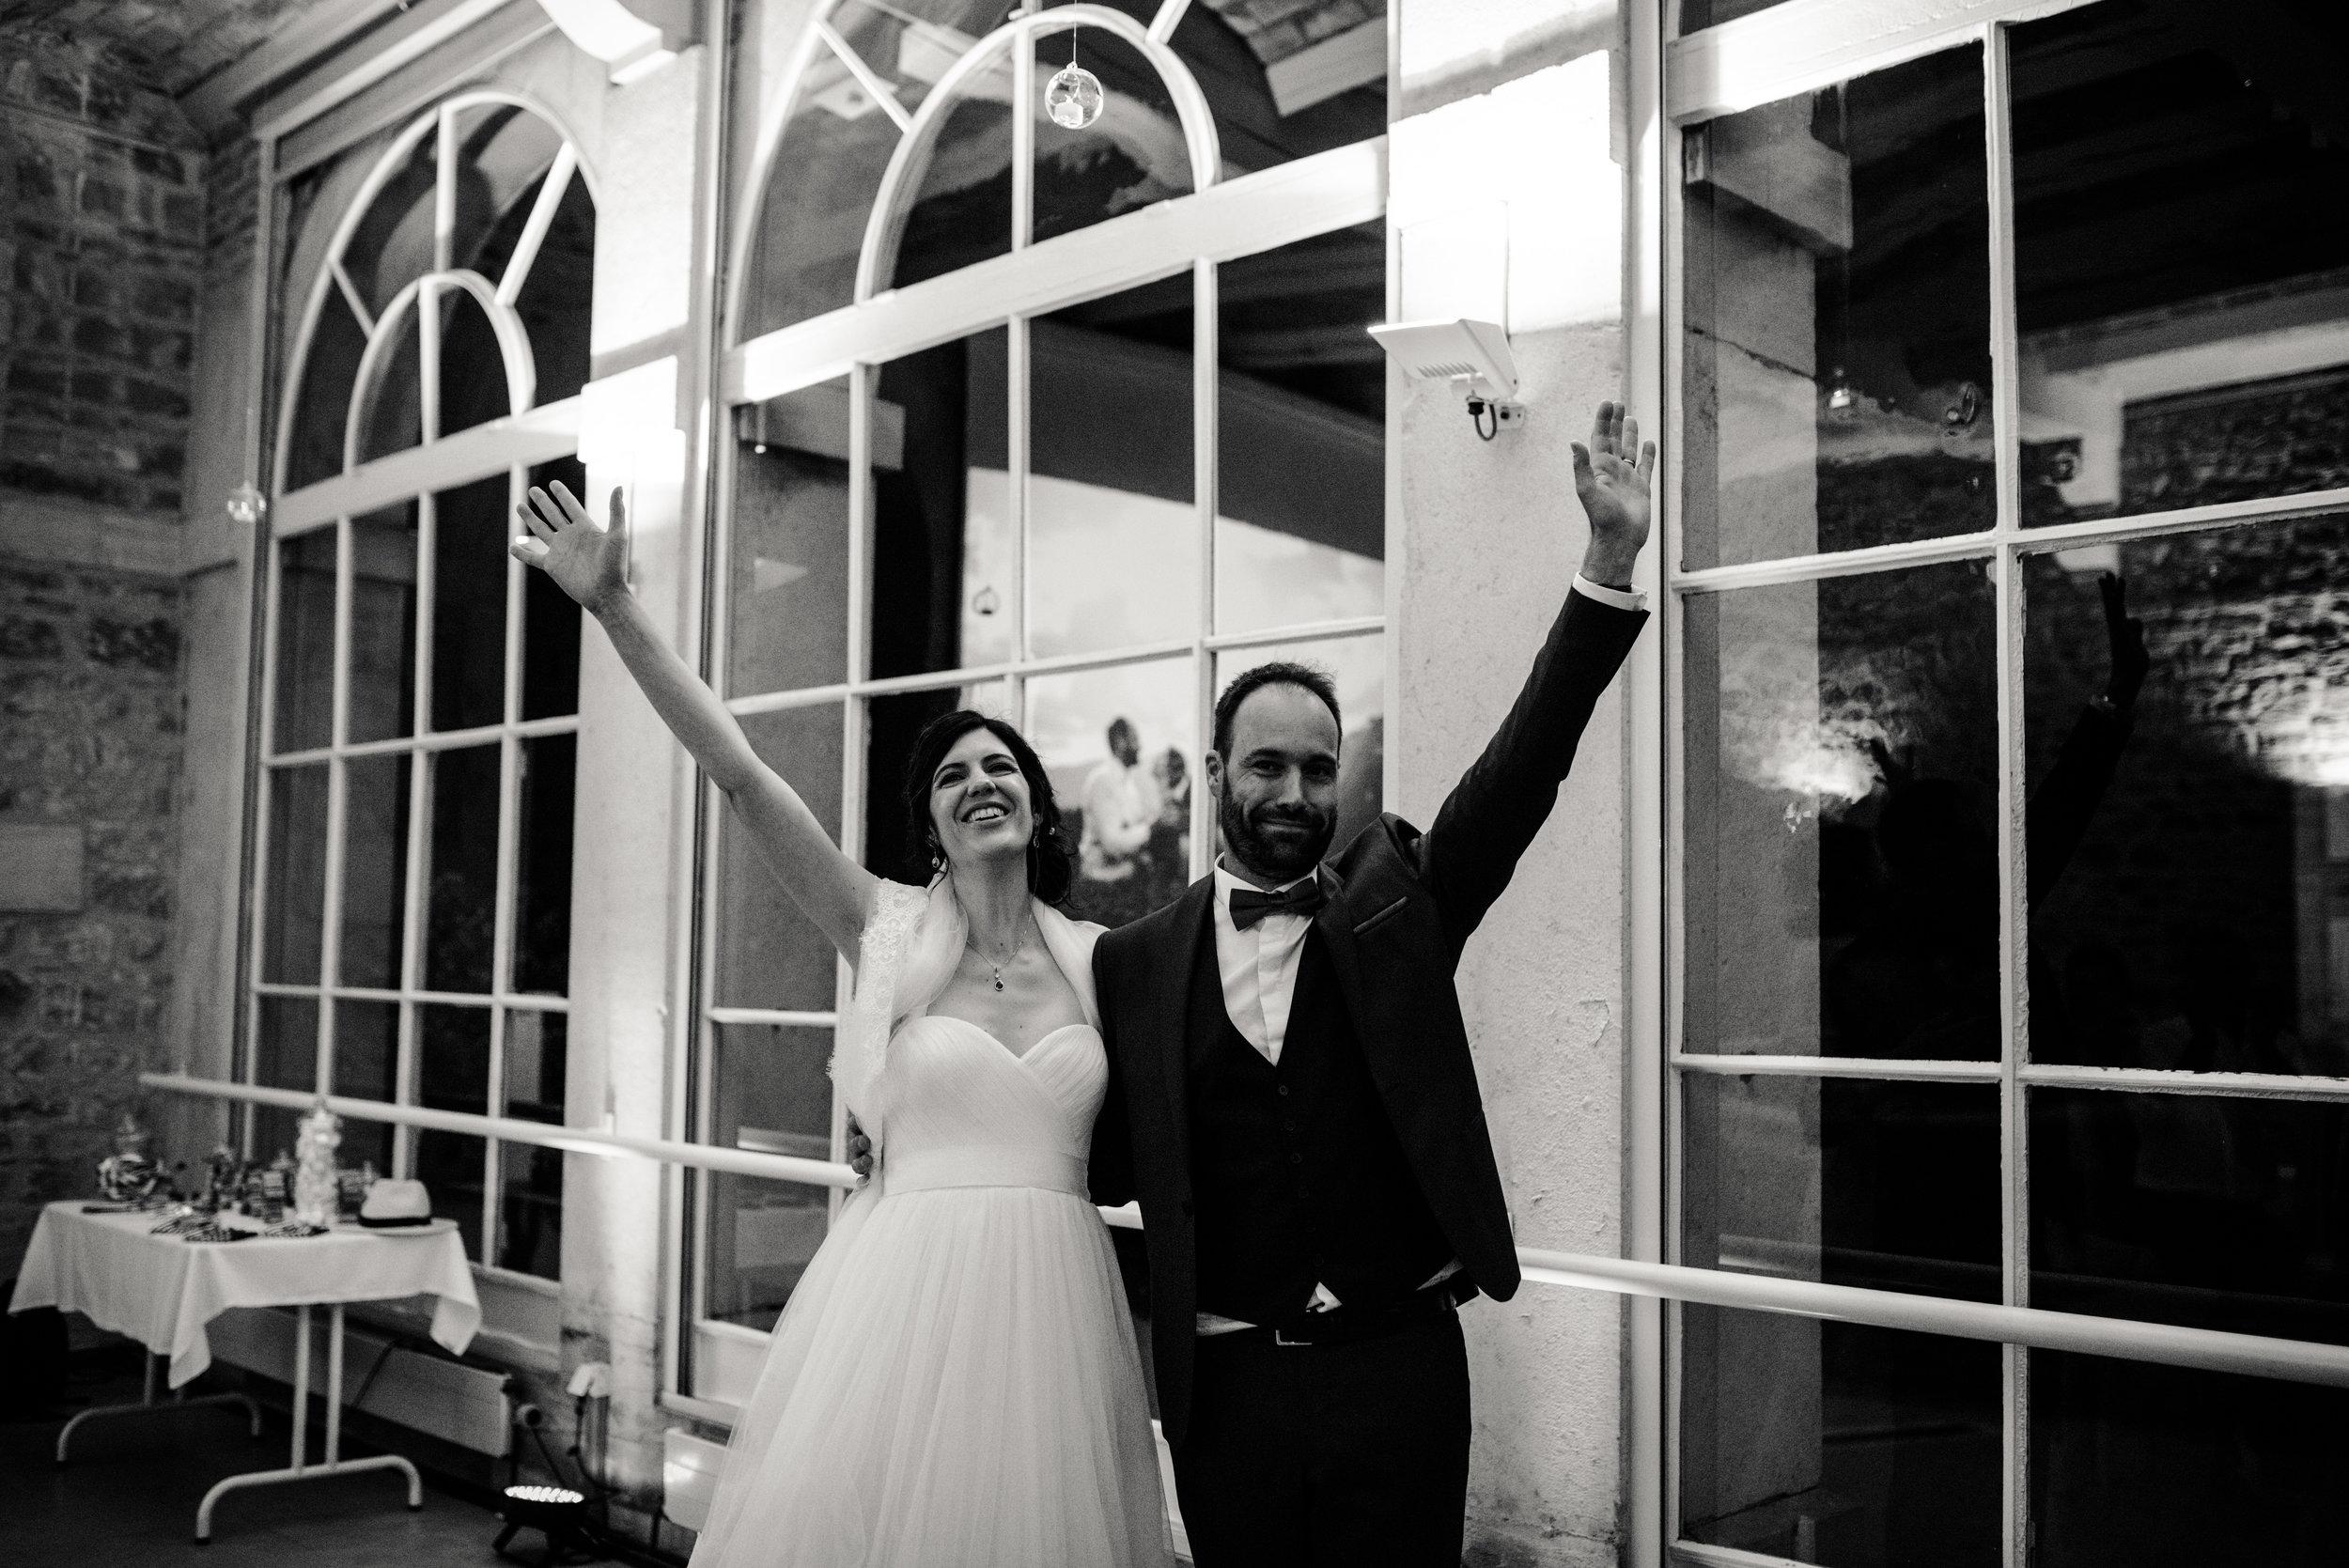 Léa-Fery-photographe-professionnel-lyon-rhone-alpes-portrait-creation-mariage-evenement-evenementiel-famille--171.jpg